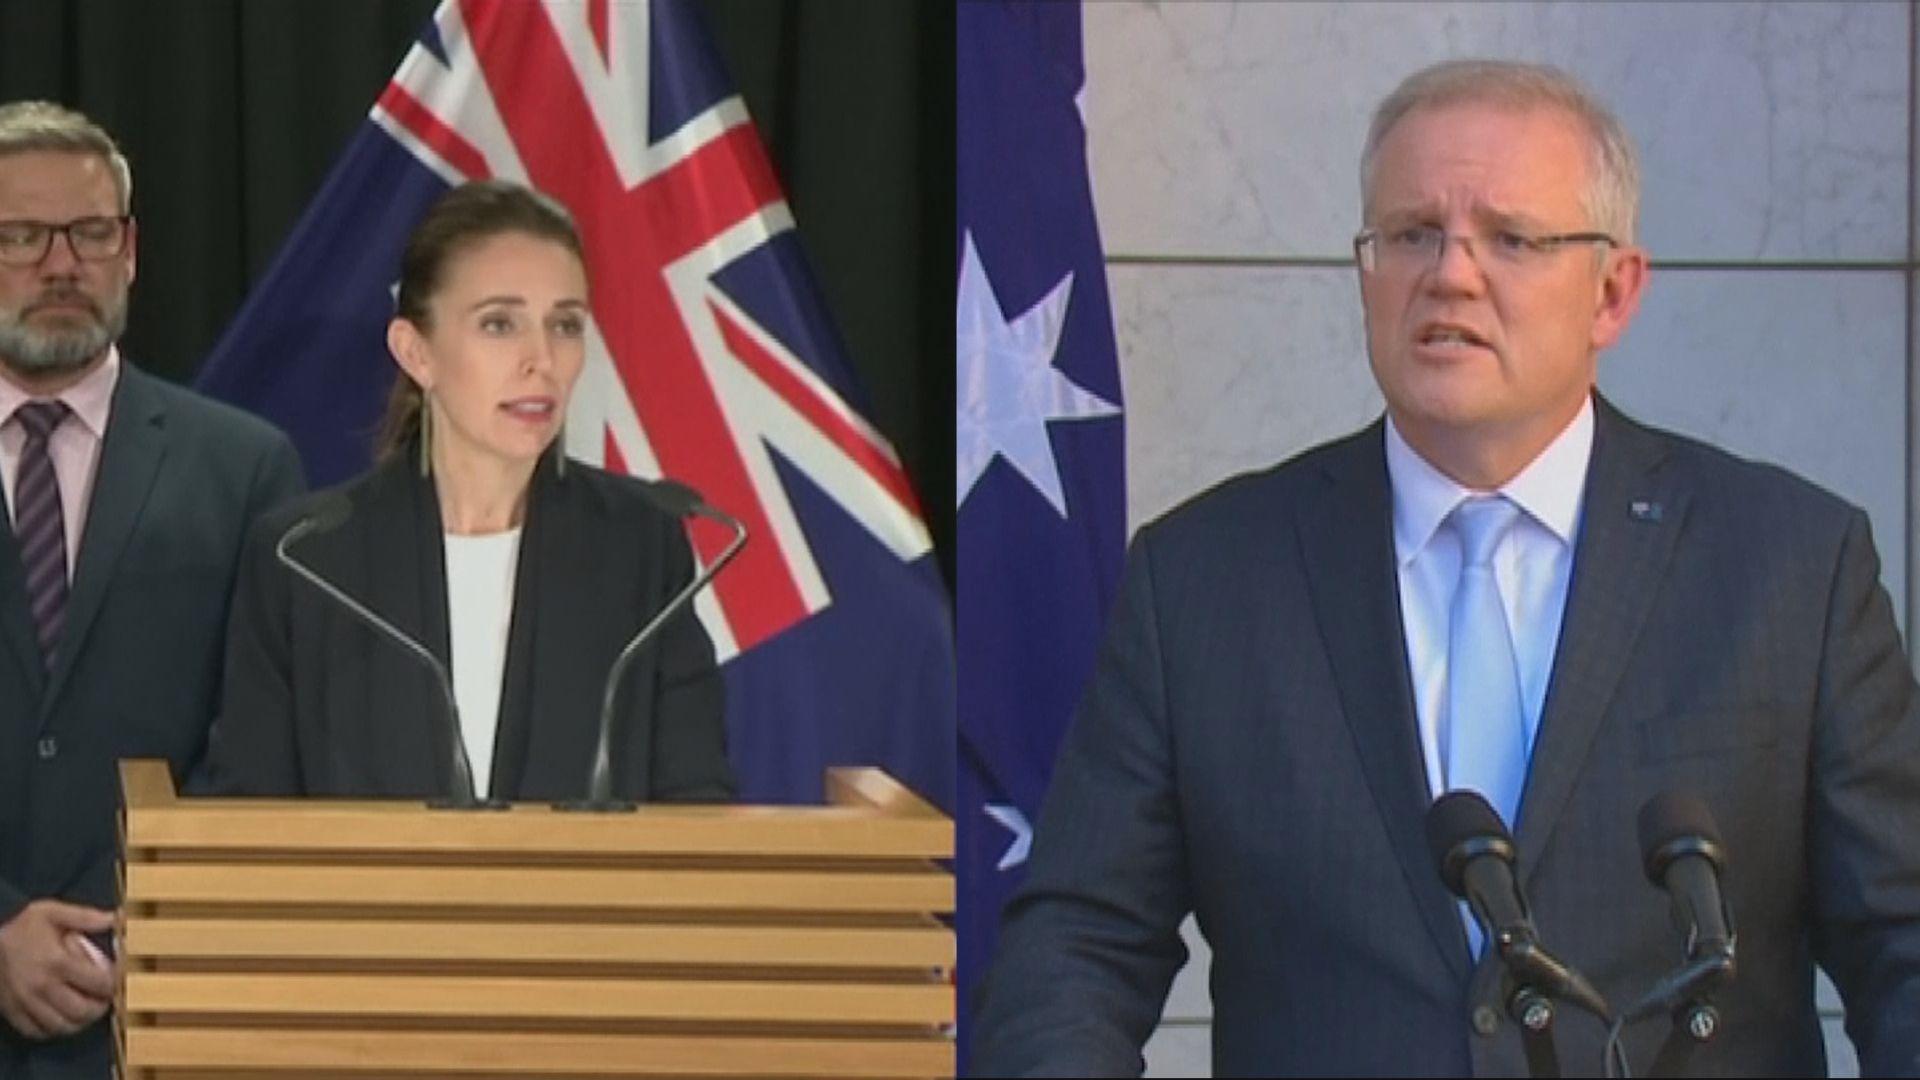 澳紐因應疫情禁止非公民入境